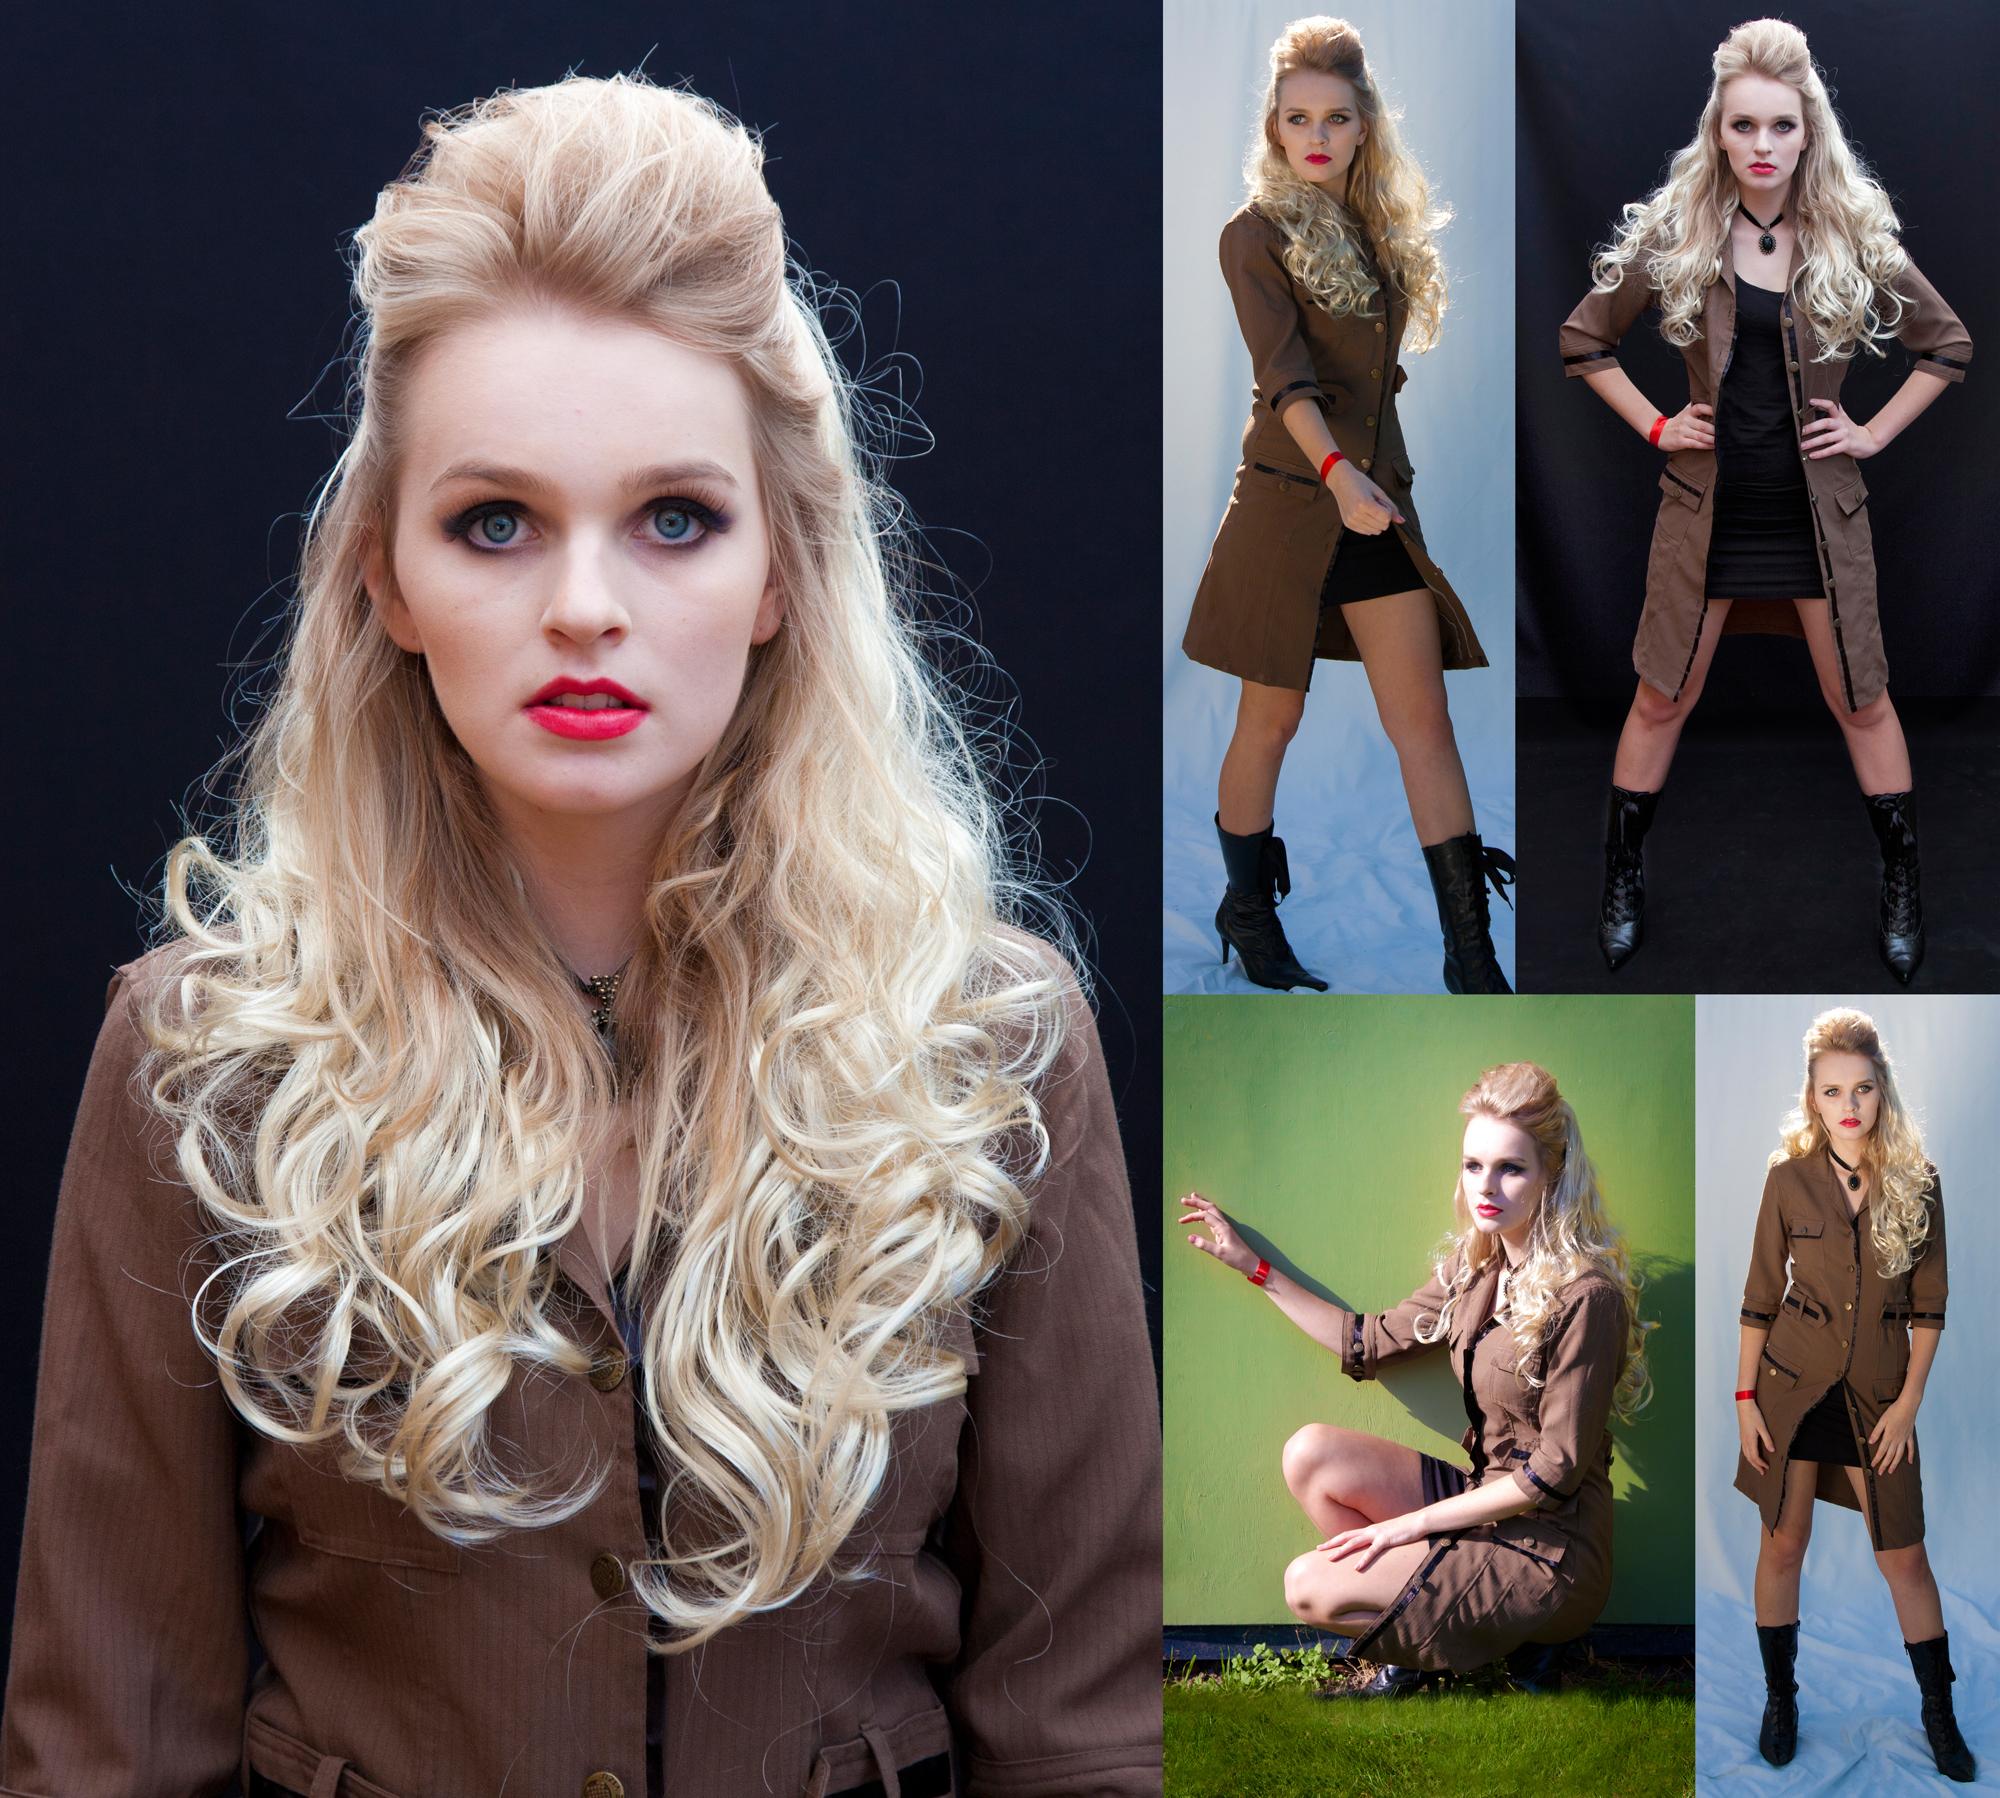 Blondie set by CathleenTarawhiti